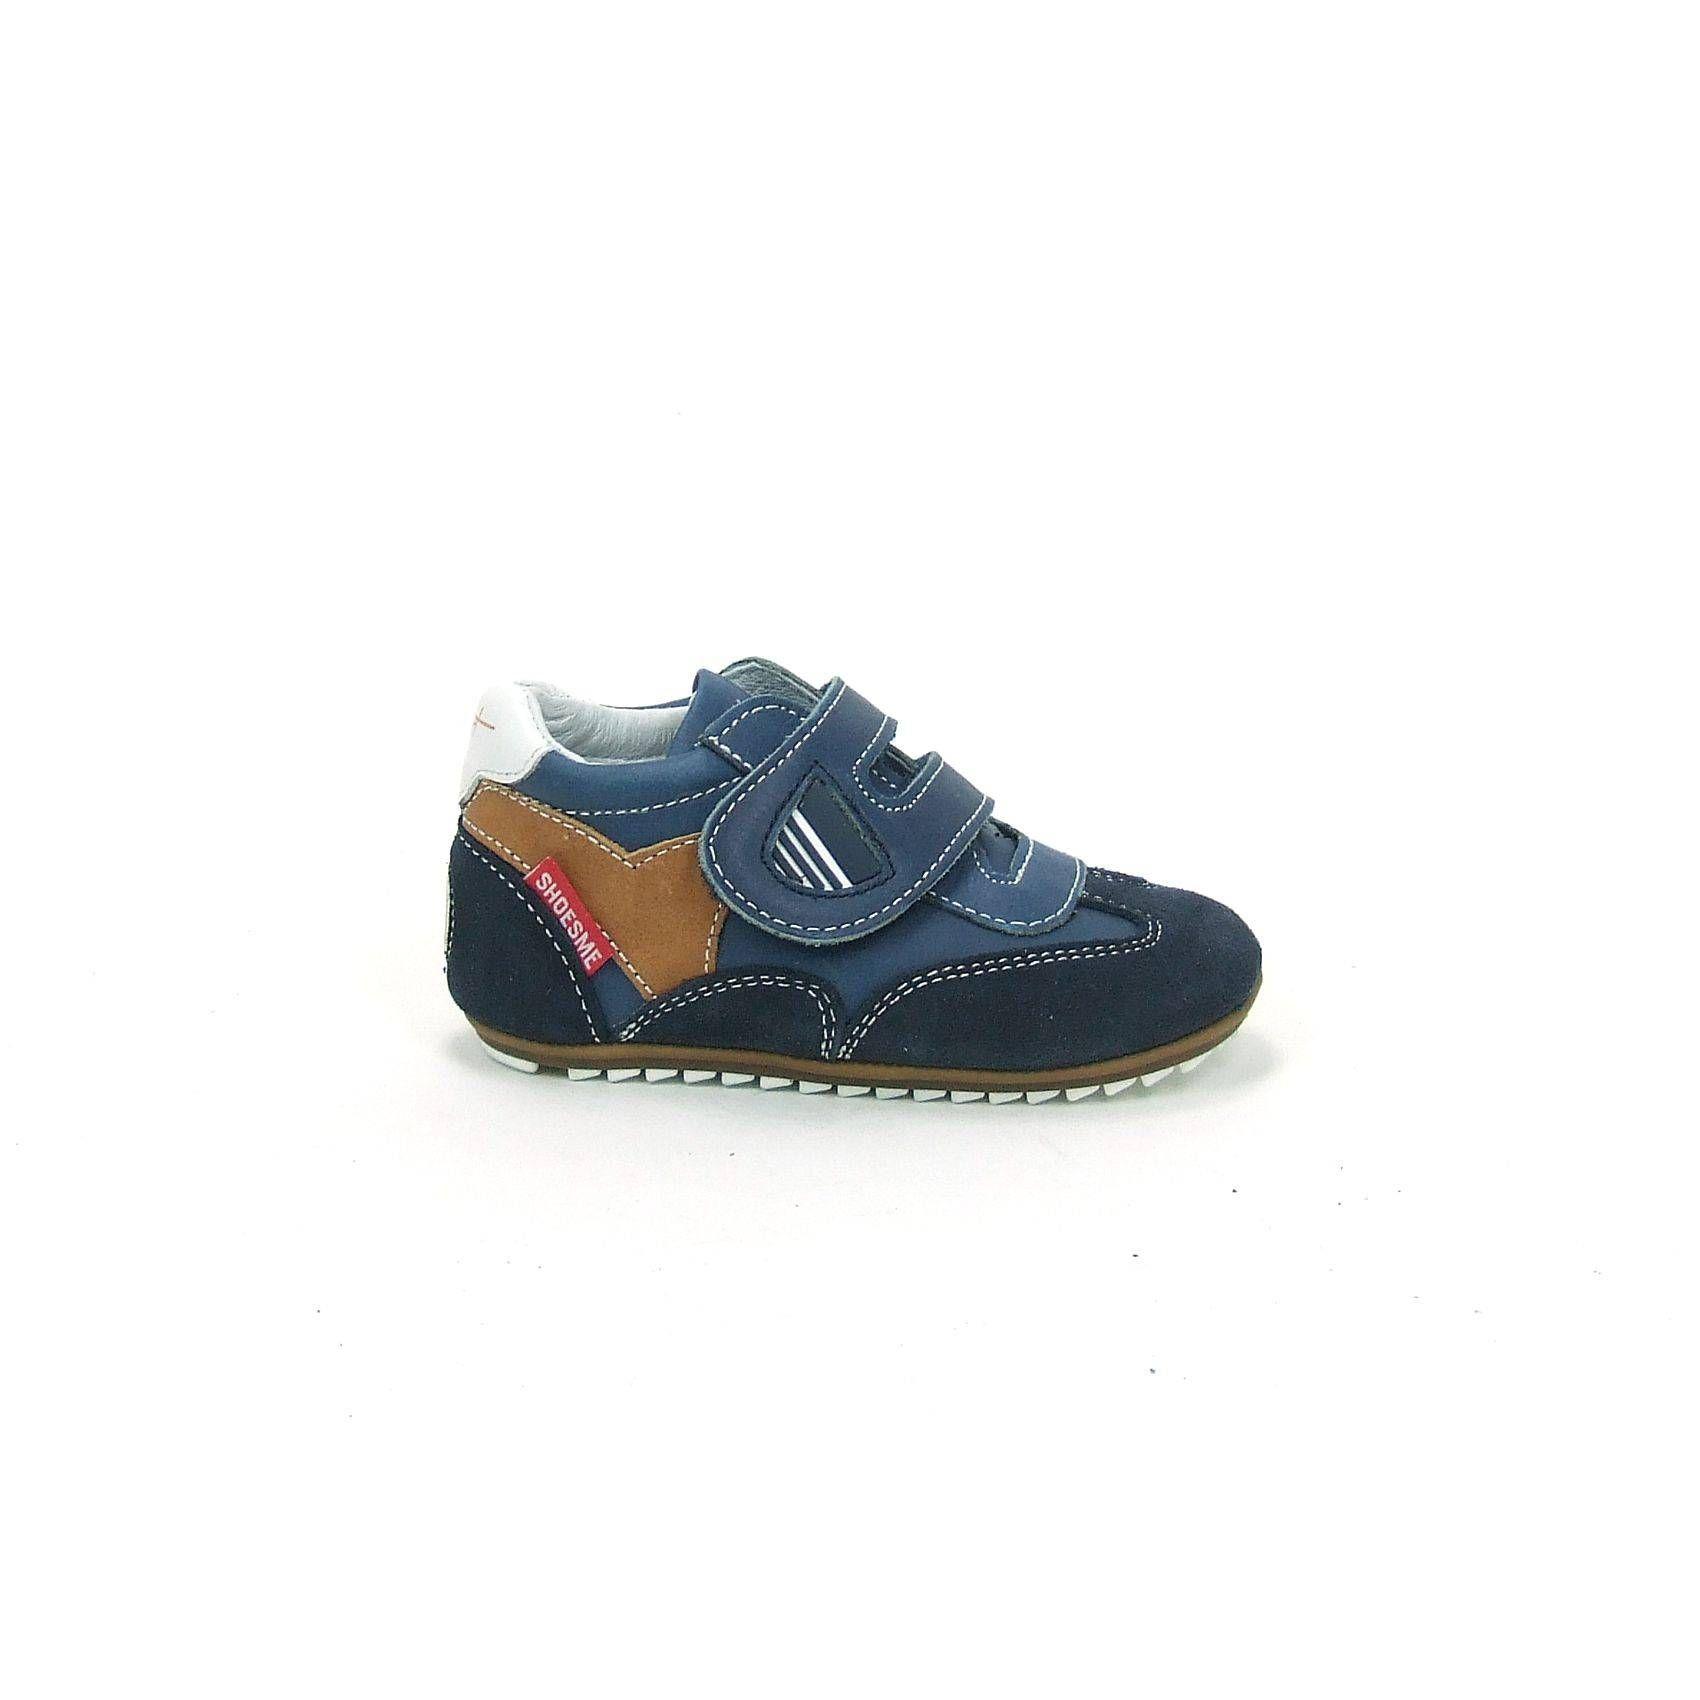 75e269e494f Schattige baby schoenen van Shoesme, model BP4W004-A! Uitgevoerd in  donkerblauw met bruin